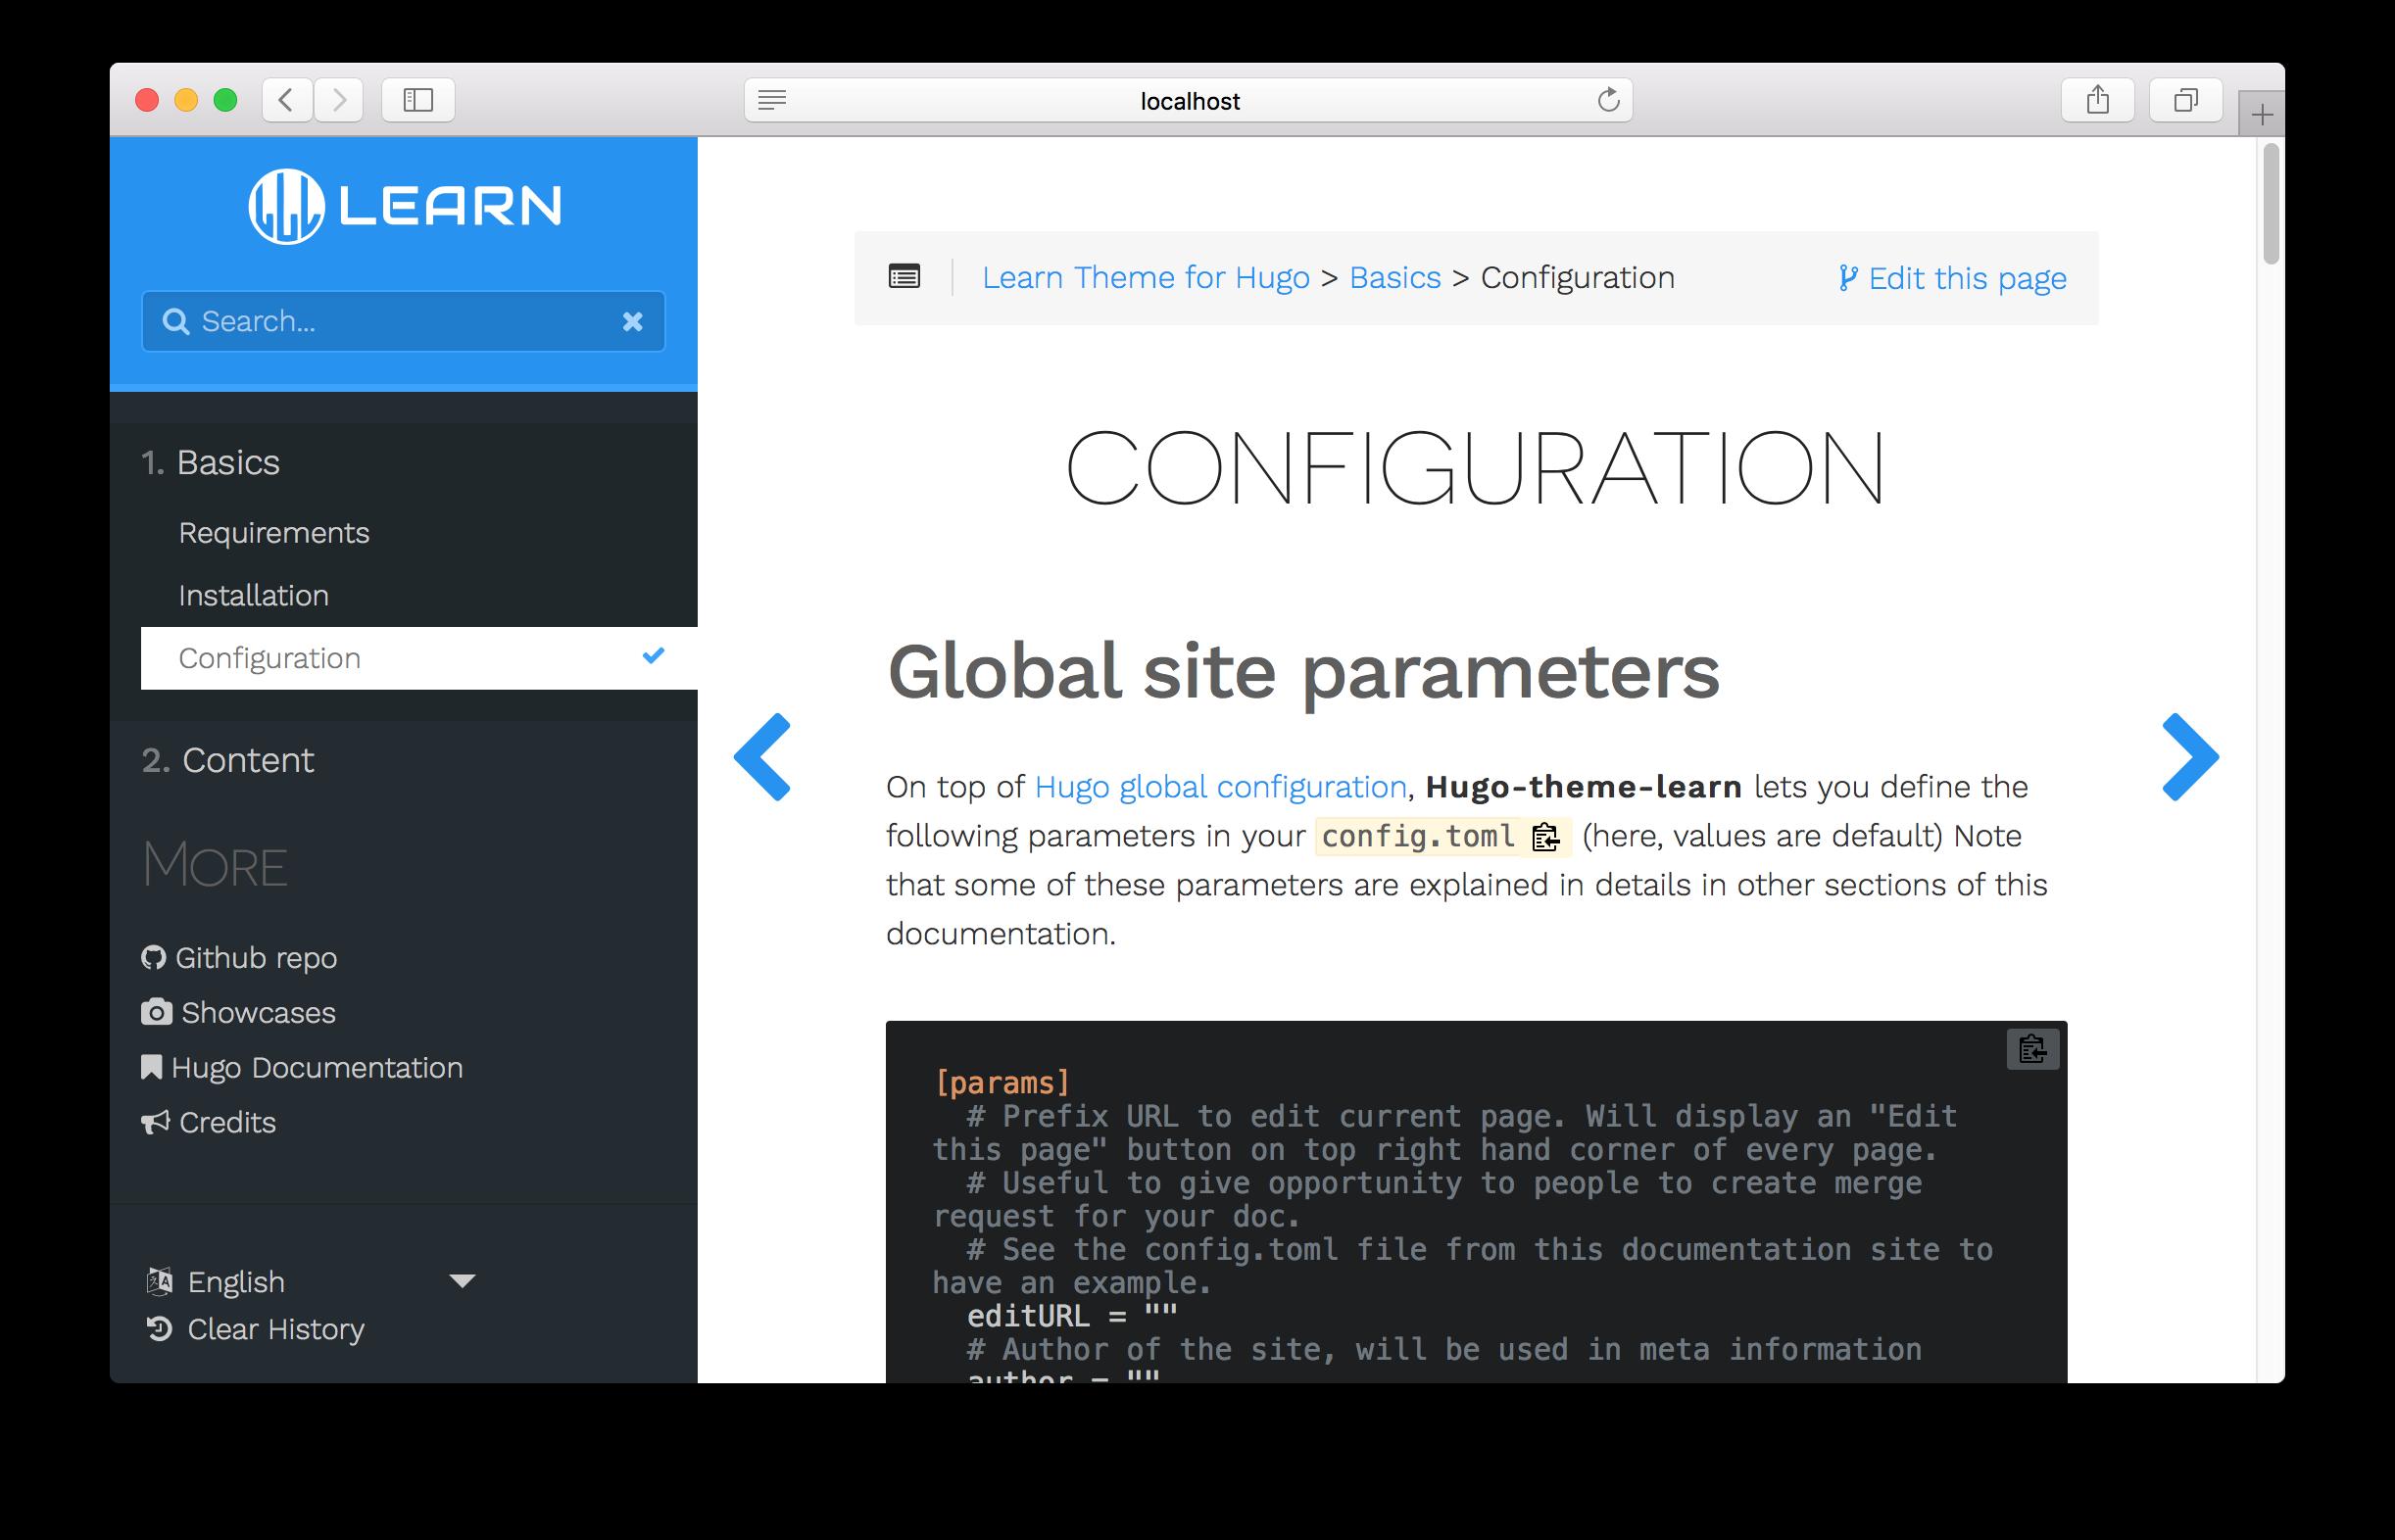 basics/style-customization/images/blue-variant.png